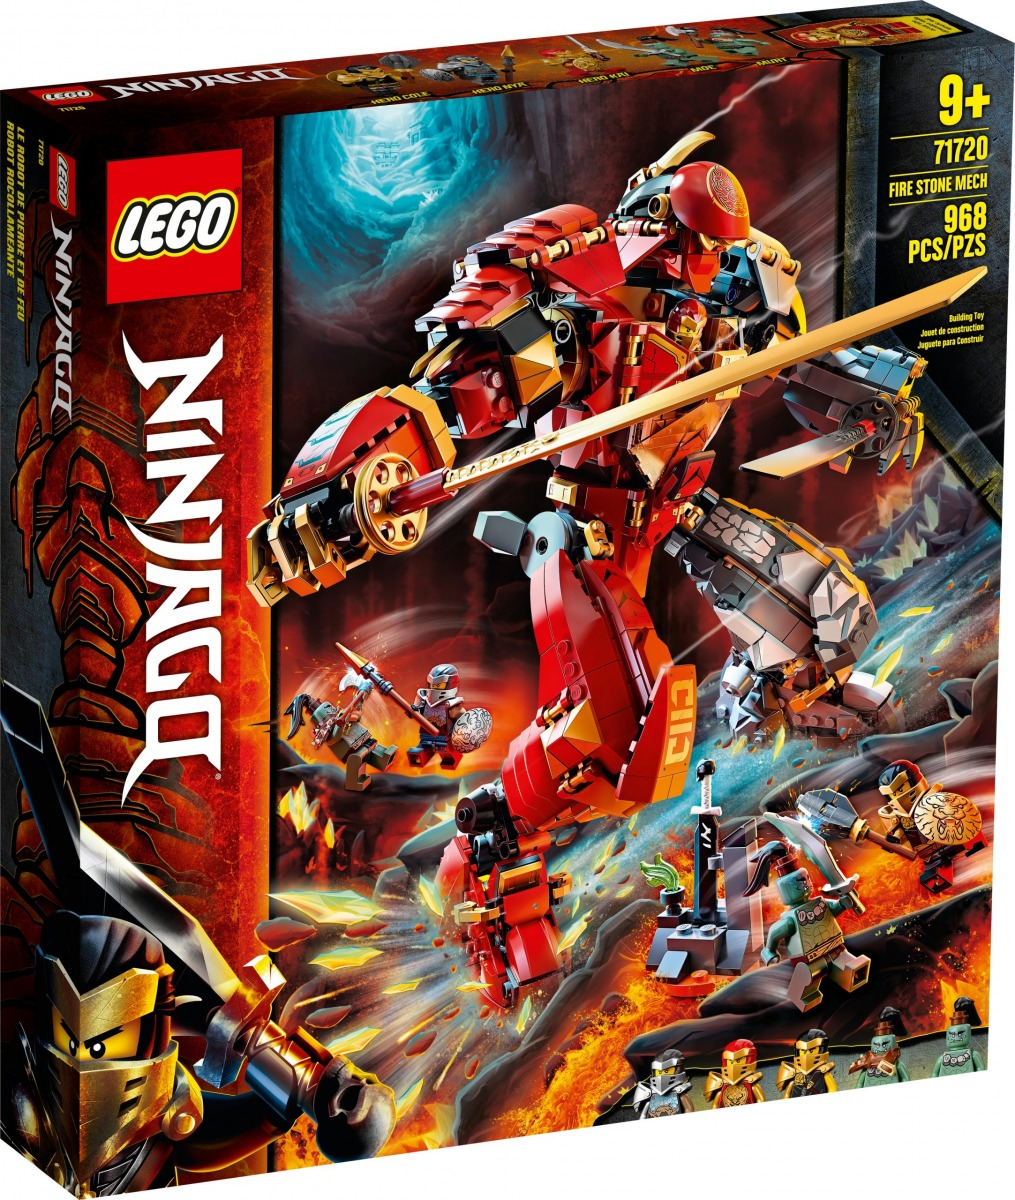 lego 71720 le robot de feu et de pierre scaled